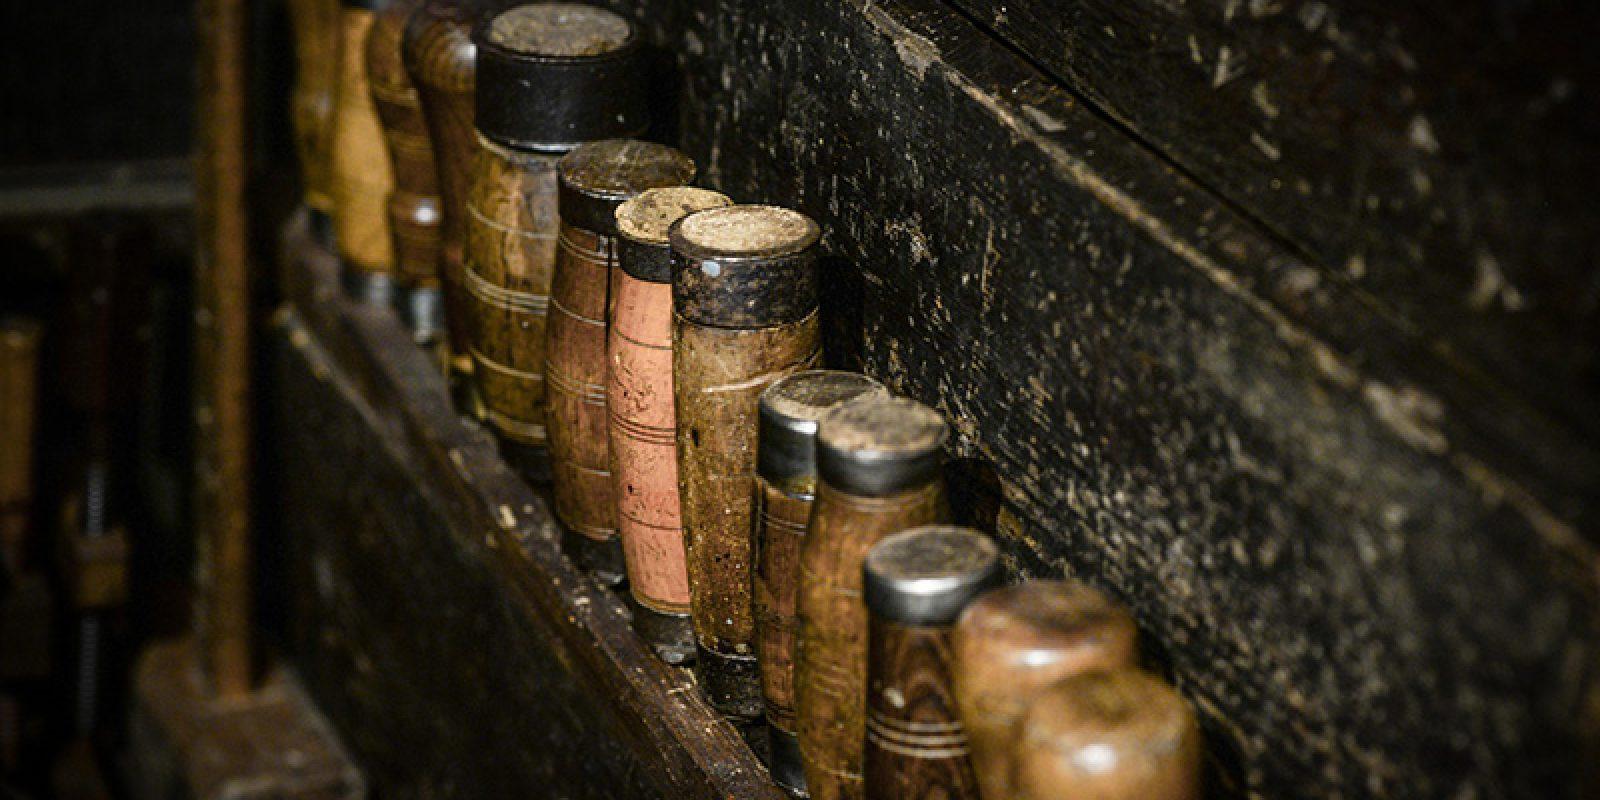 tools-2881189_1920